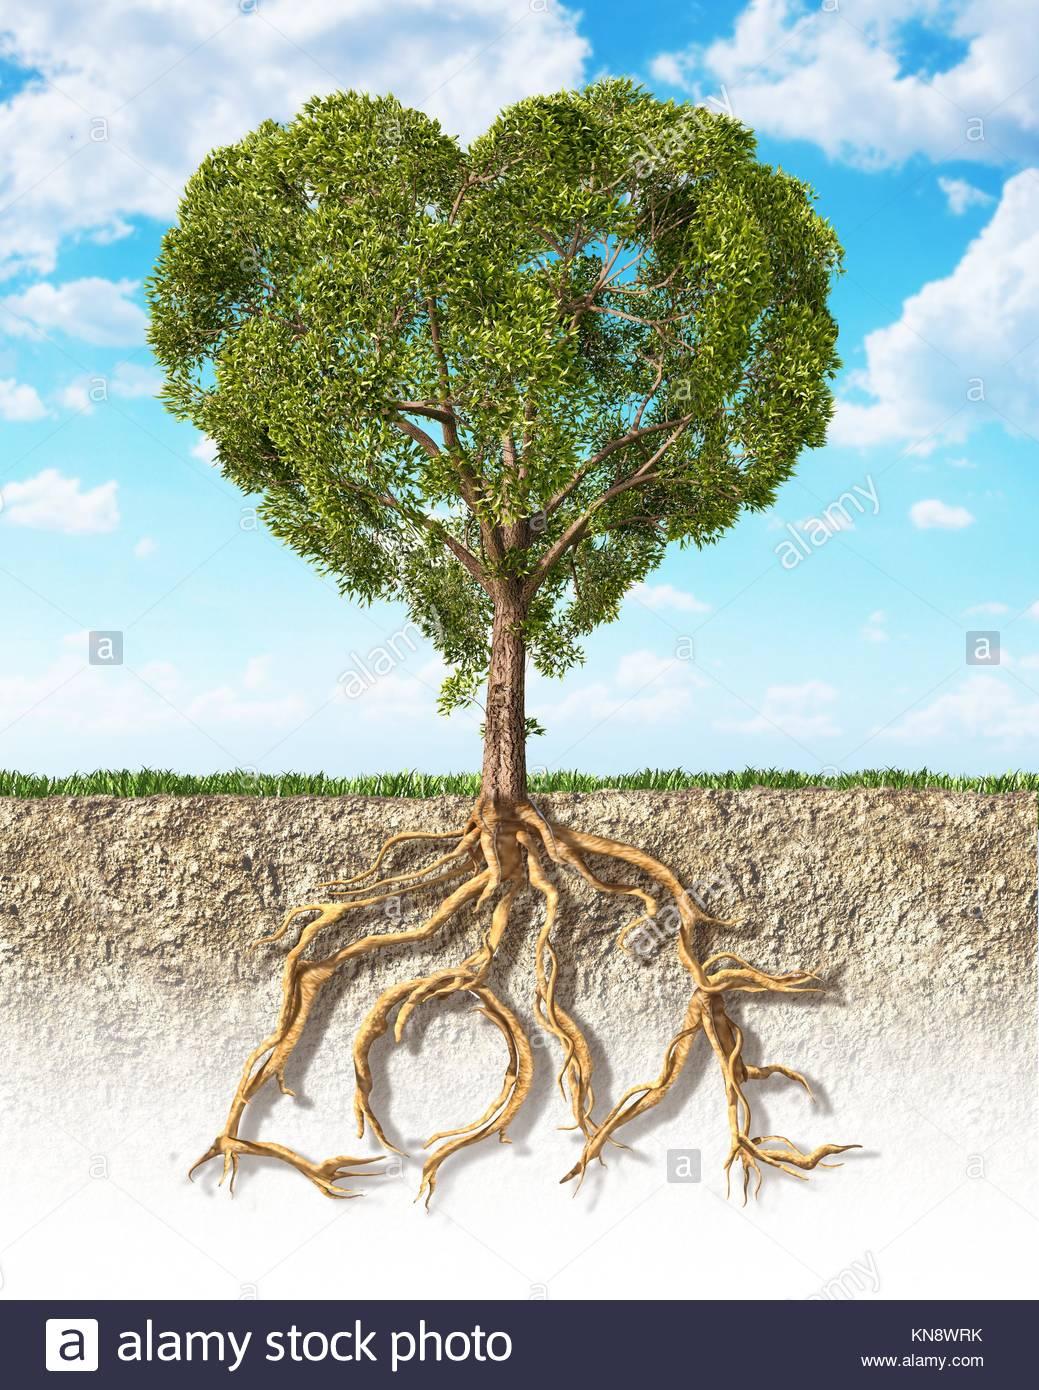 Sección Transversal Del Suelo Mostrando Un árbol Con Forma De